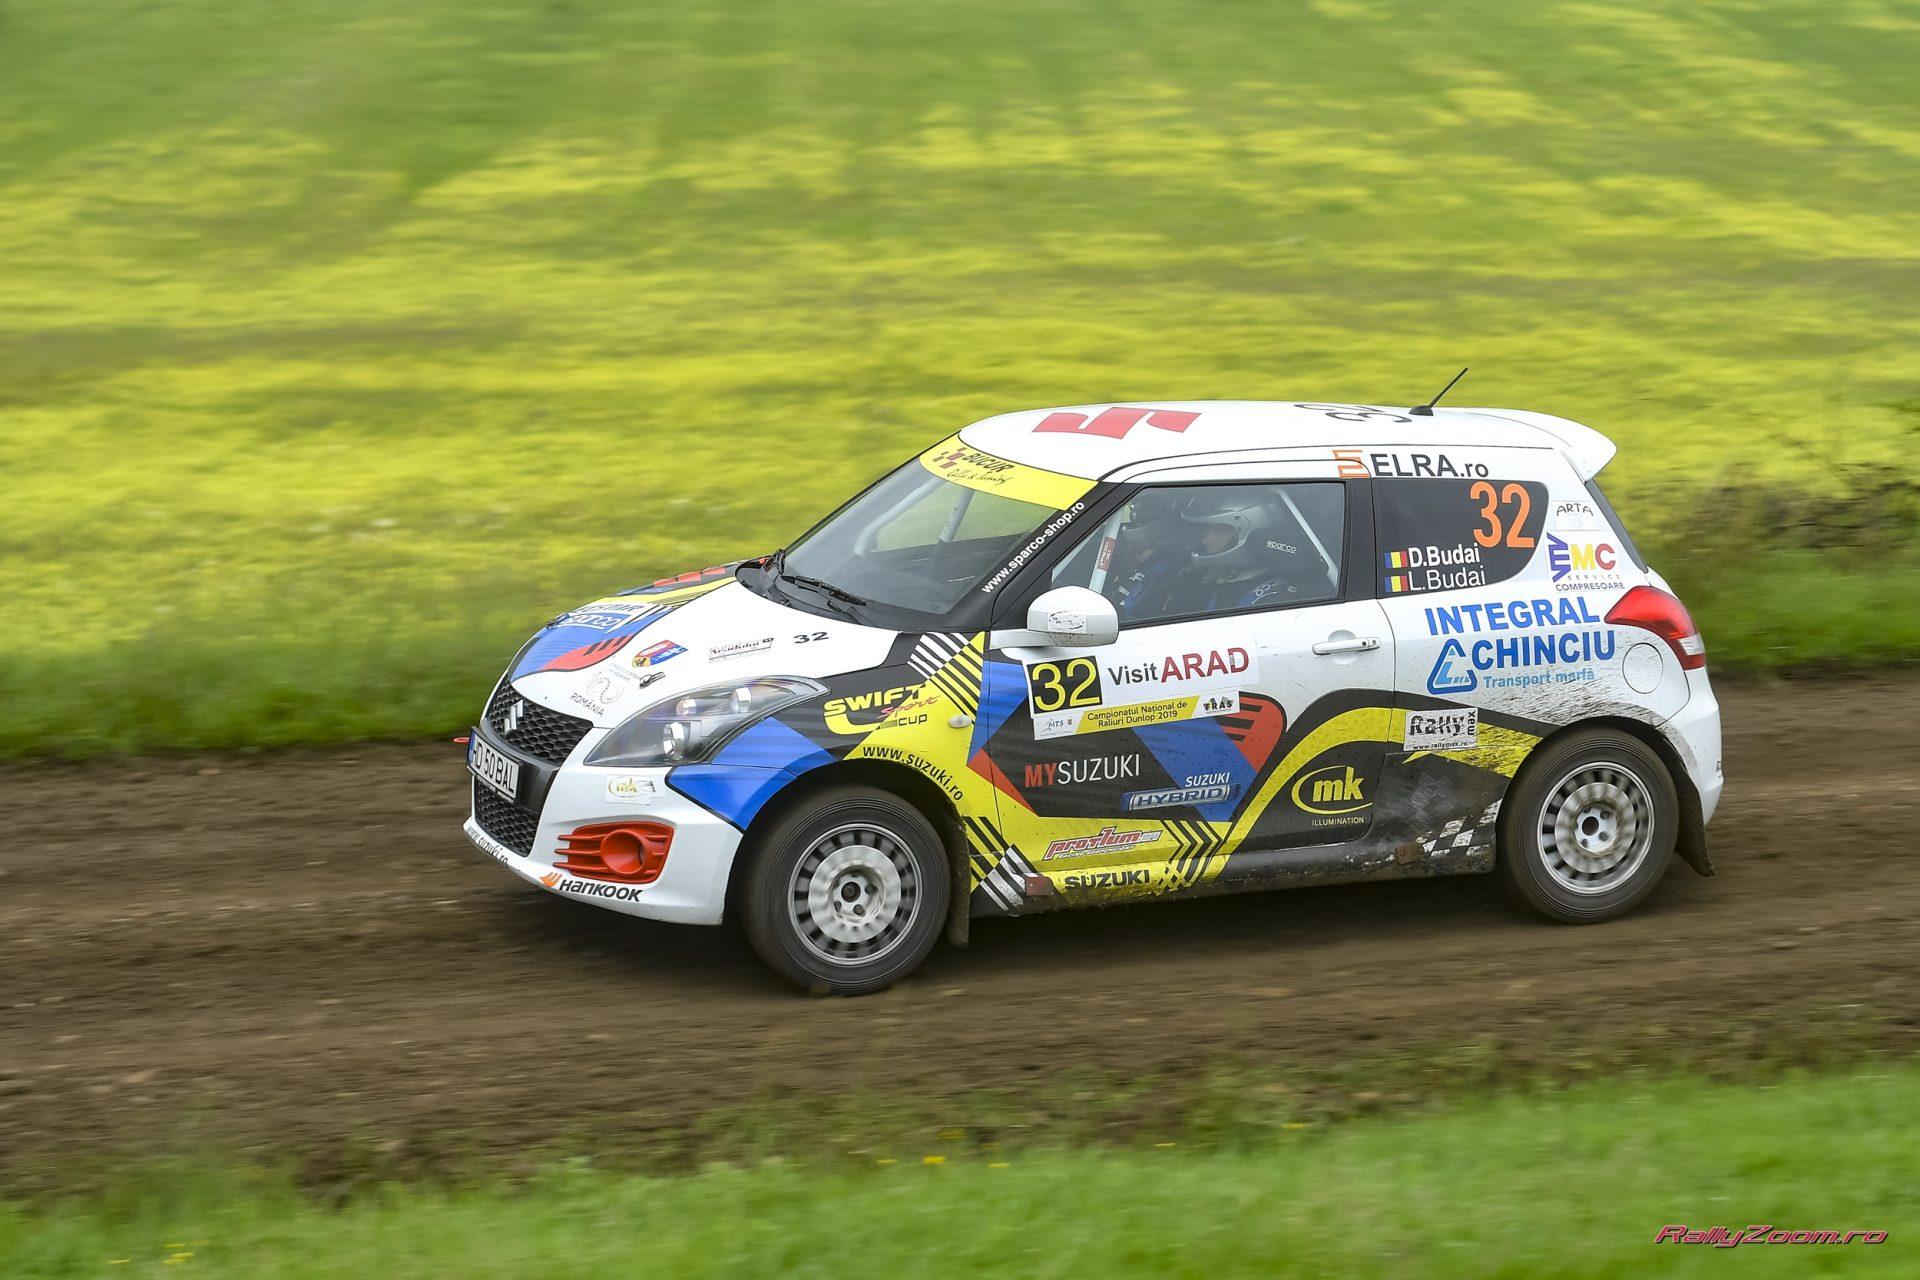 Cupa Suzuki ia startul pe macadamul Raliului Moldovei